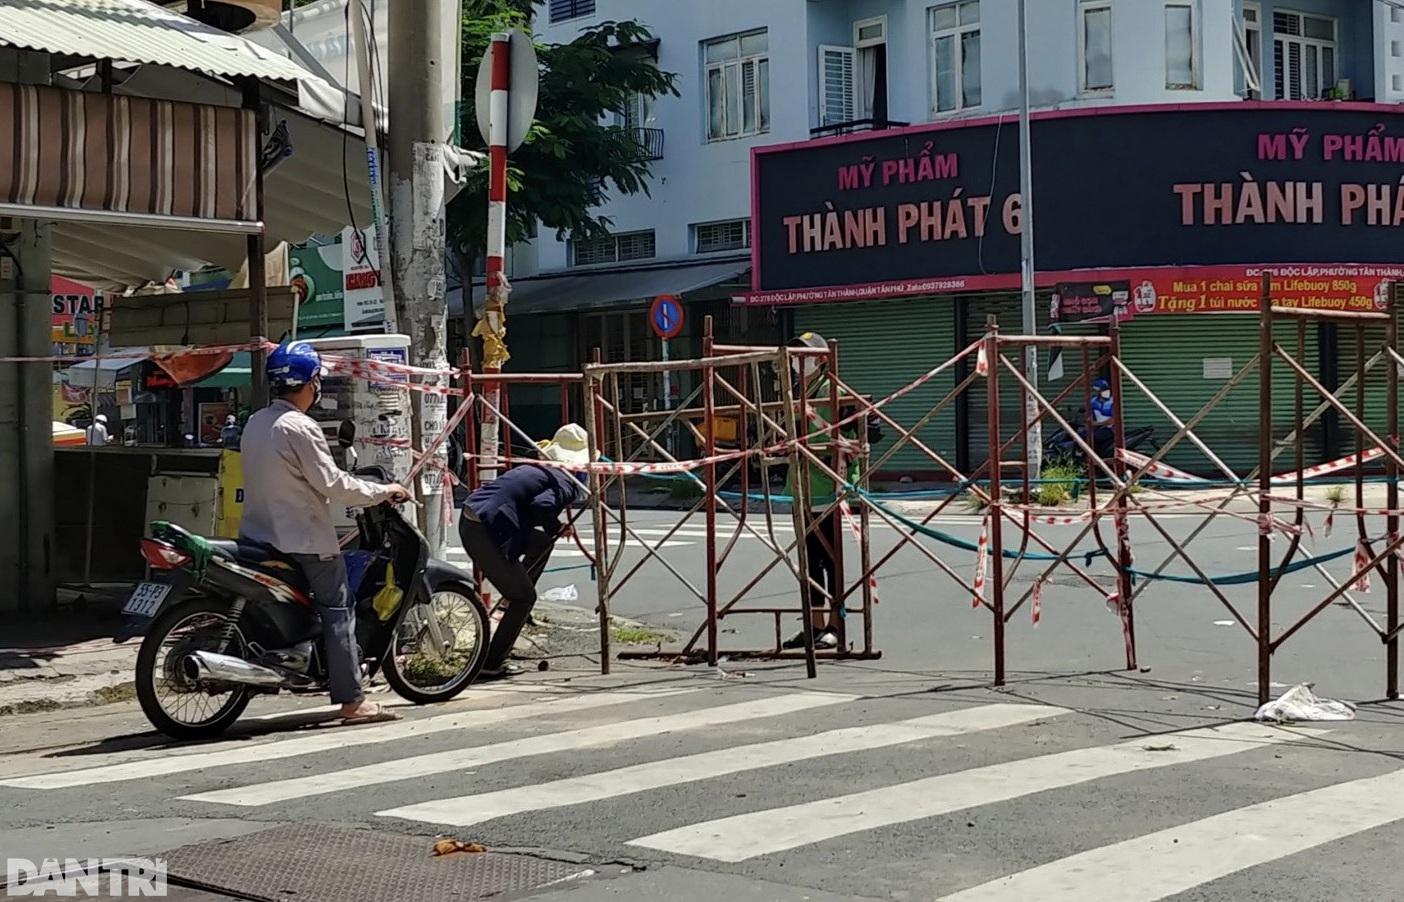 Hẻm nhỏ ở TPHCM dỡ chốt phong tỏa, đường lớn vẫn rào chắn kín mít - 7